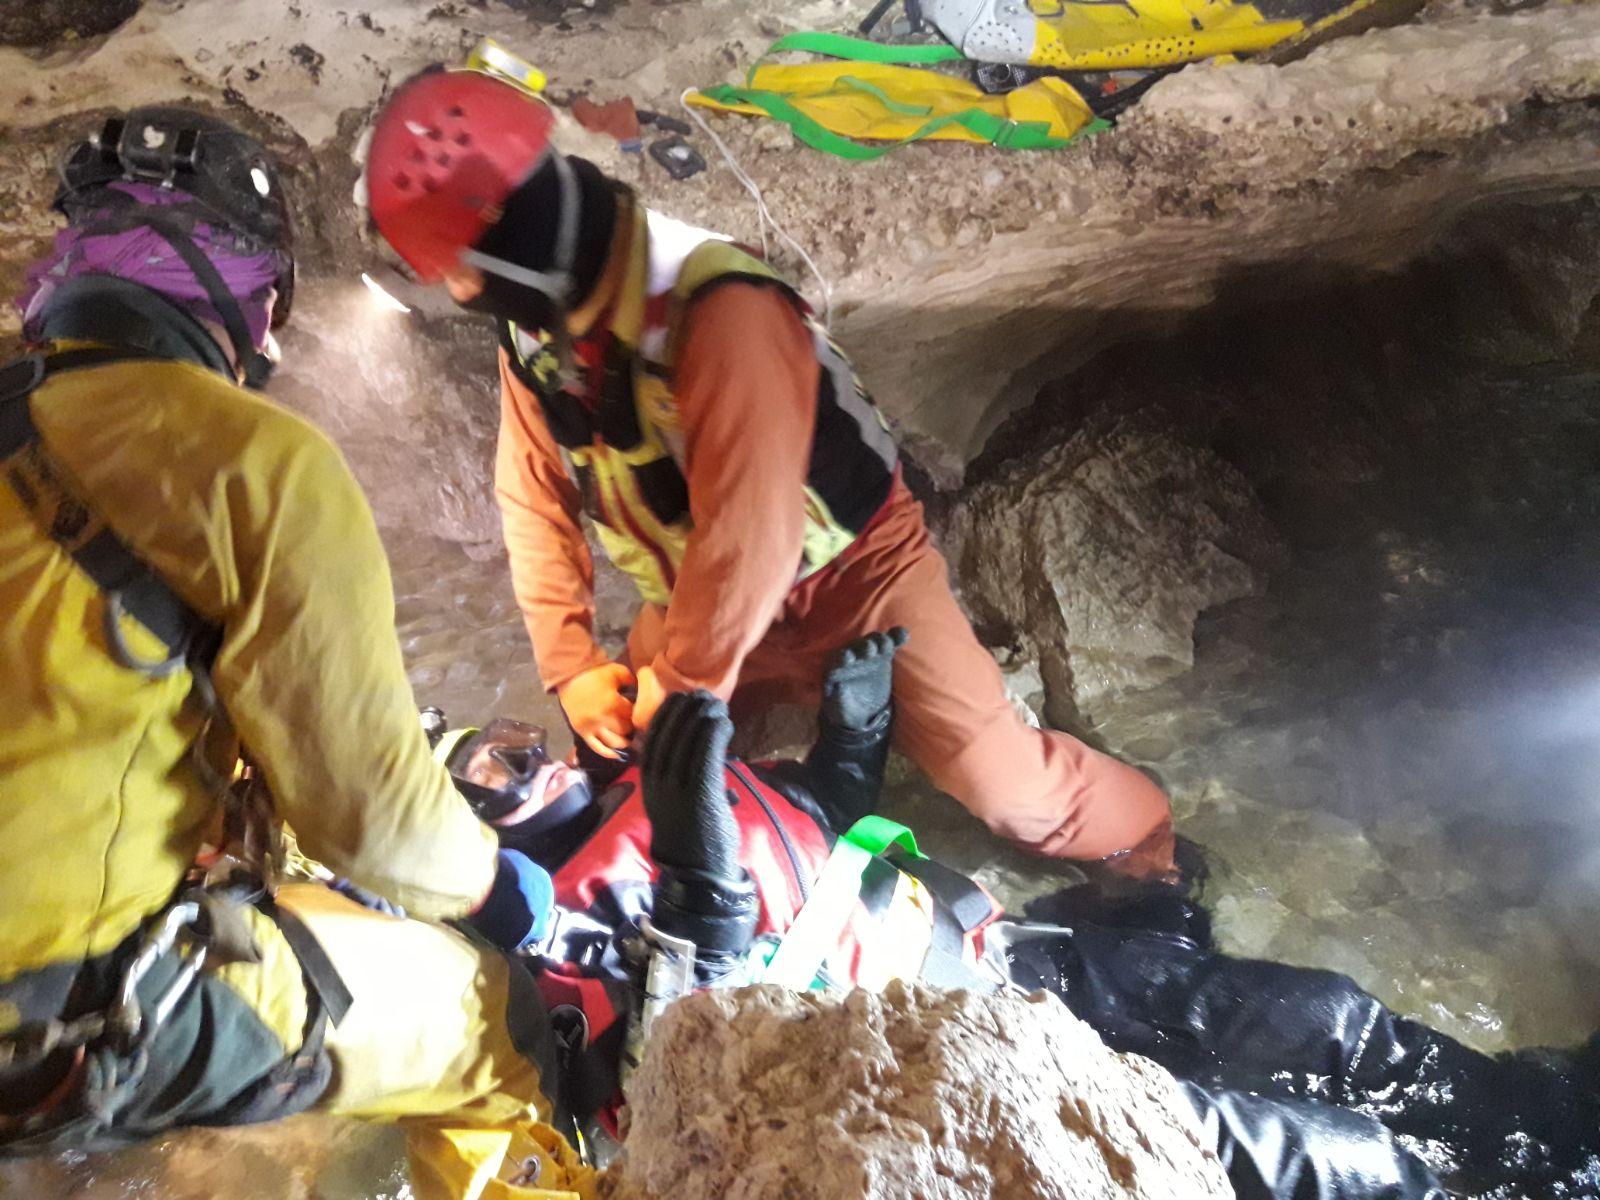 Esercitazione nazionale speleosub CNSAS ospitata in Friuli | Emergency Live 4